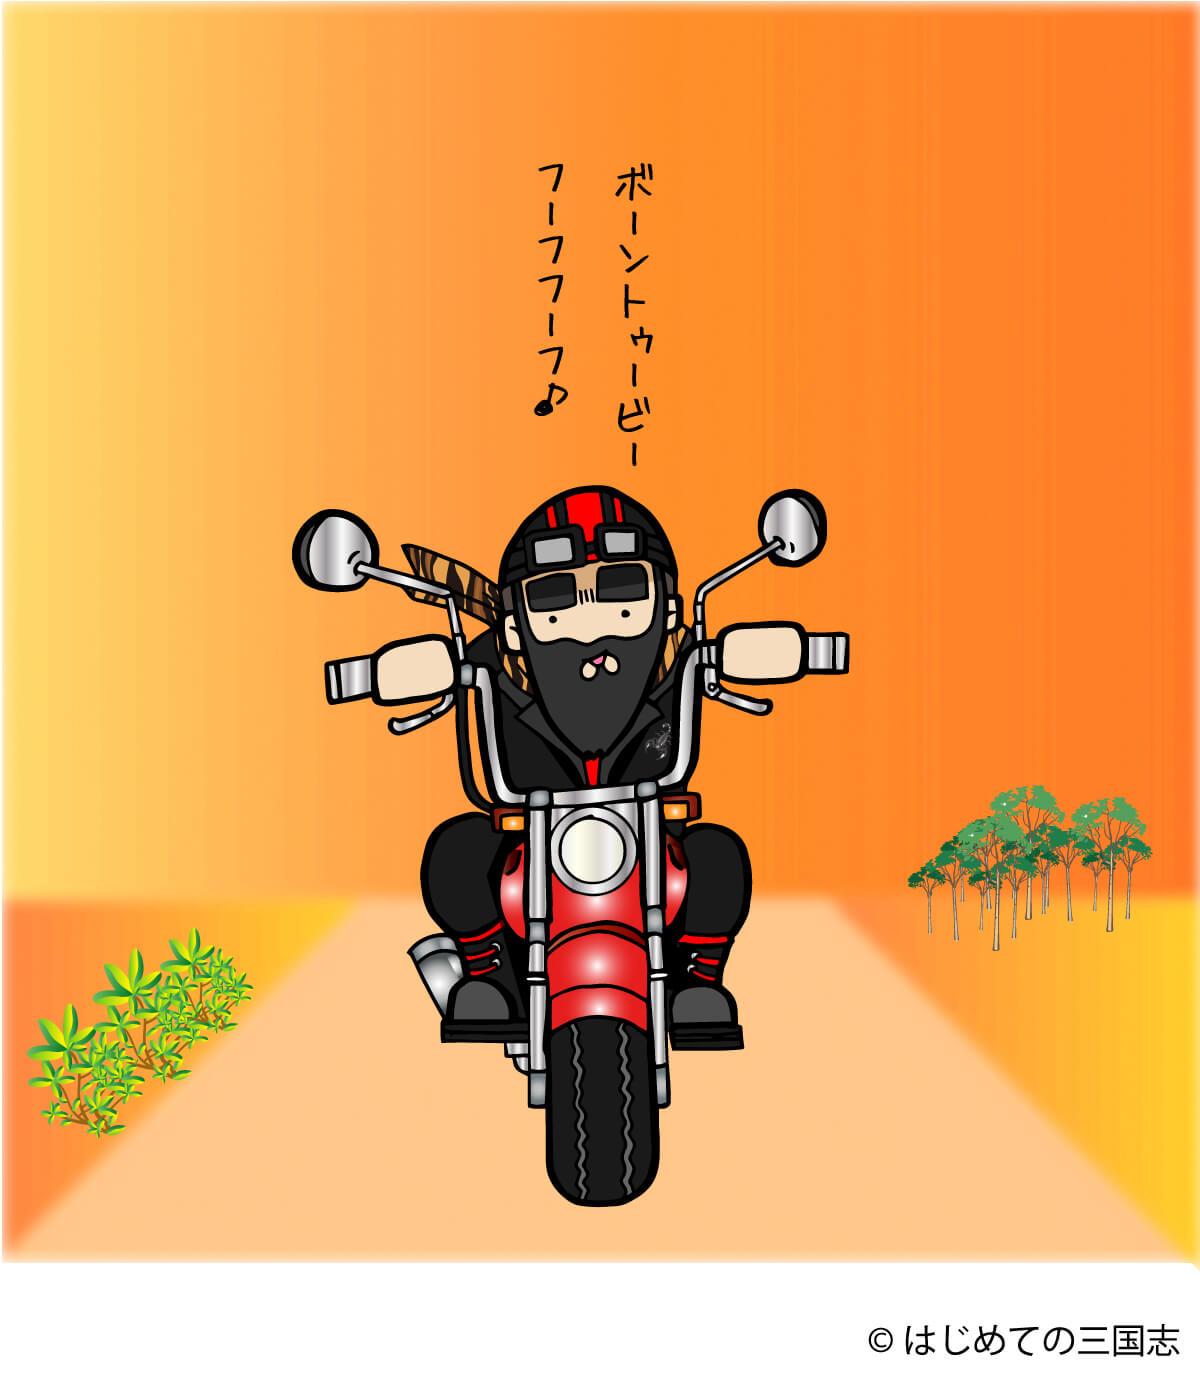 バイクで旅行をする関羽